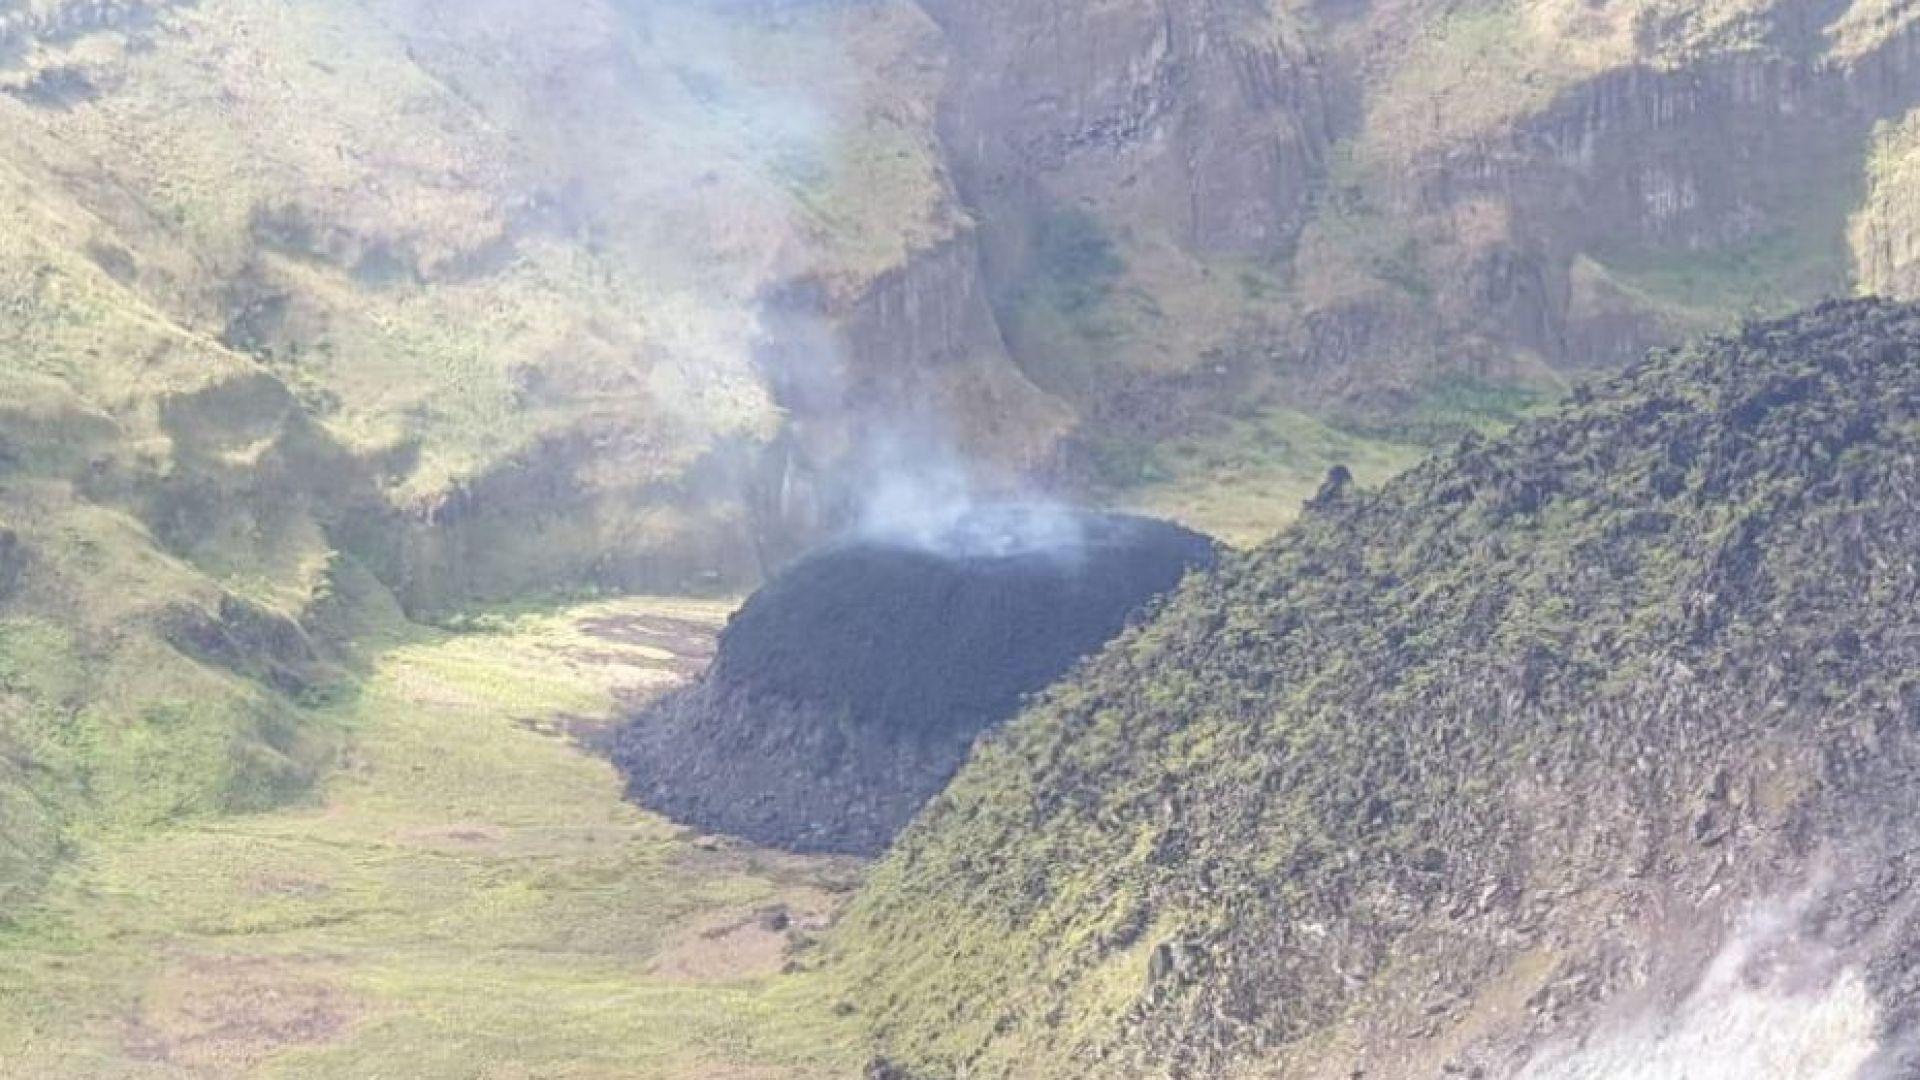 Събудил се вулкан евакуира почти цяла държава